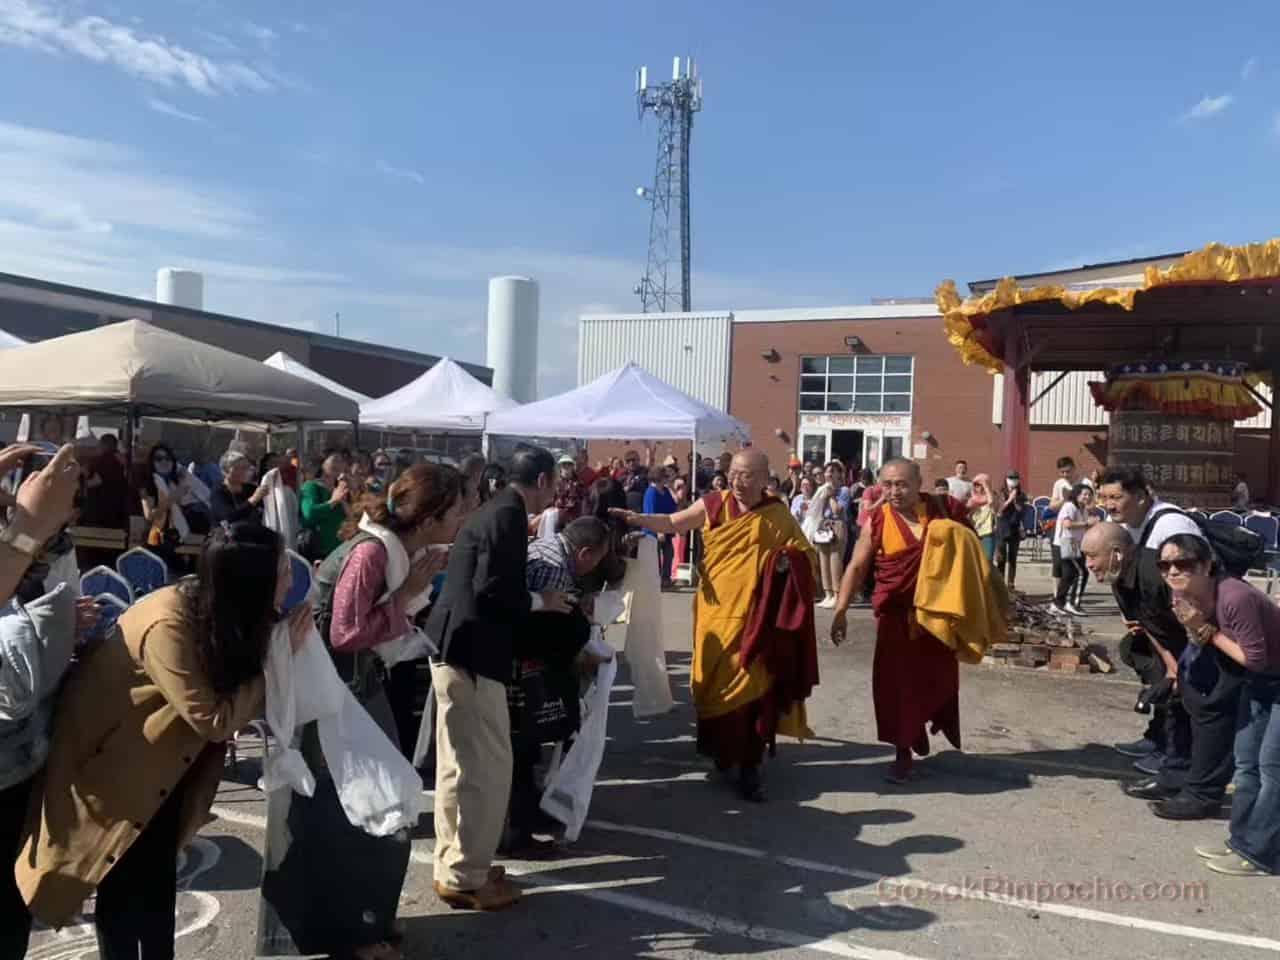 Gosok rinpoche Yamantaka Fire Puja 20190922225945